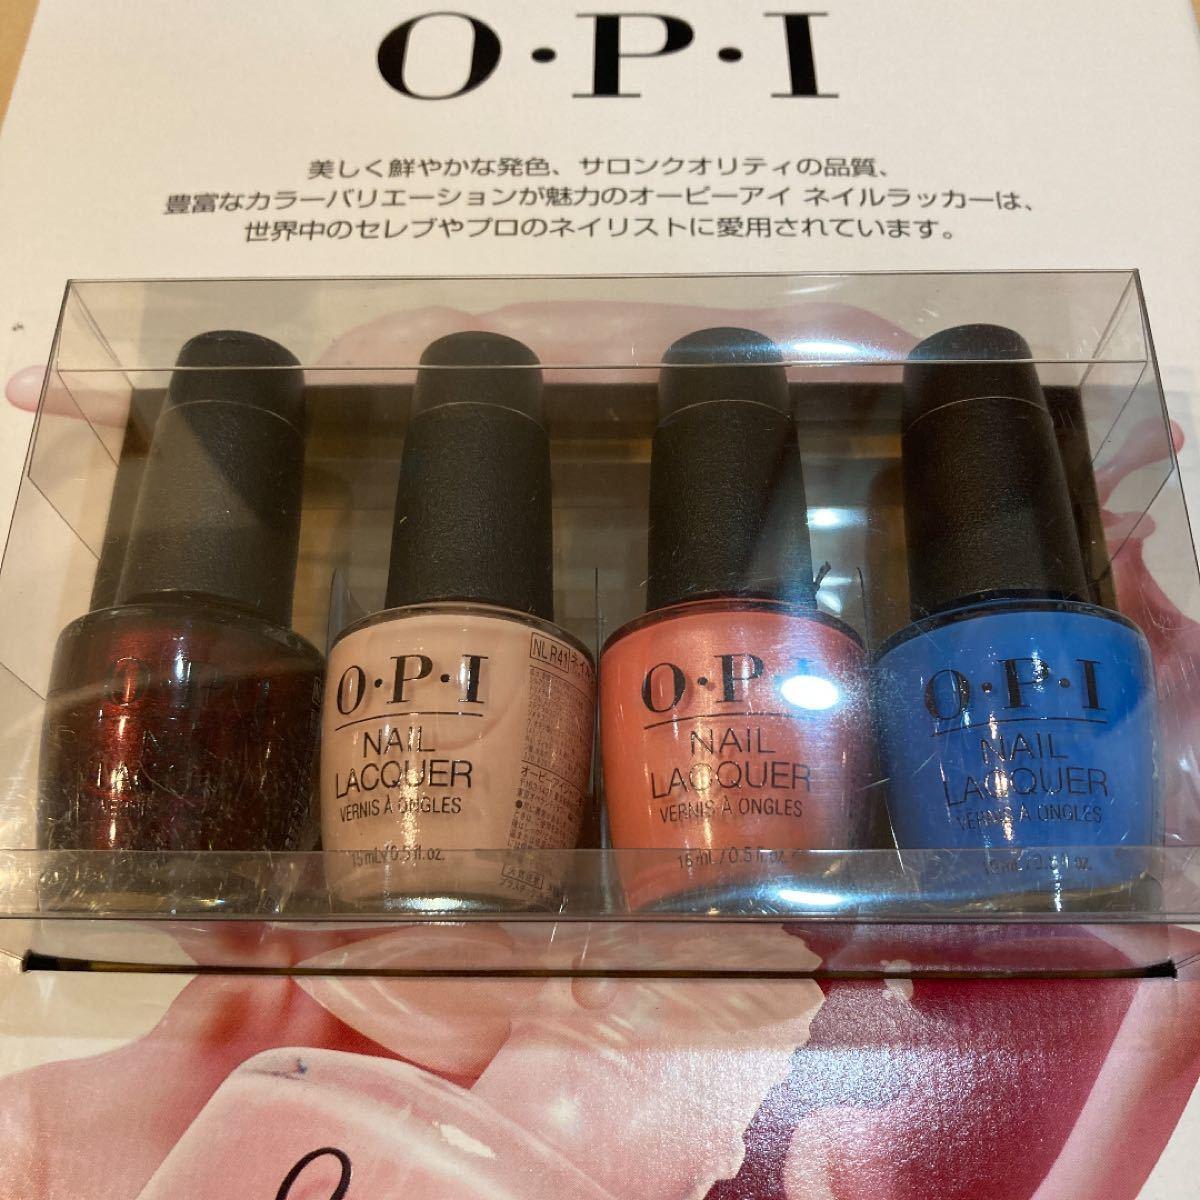 O・P・I オーピーアイ OPI ネイルラッカー ネイル